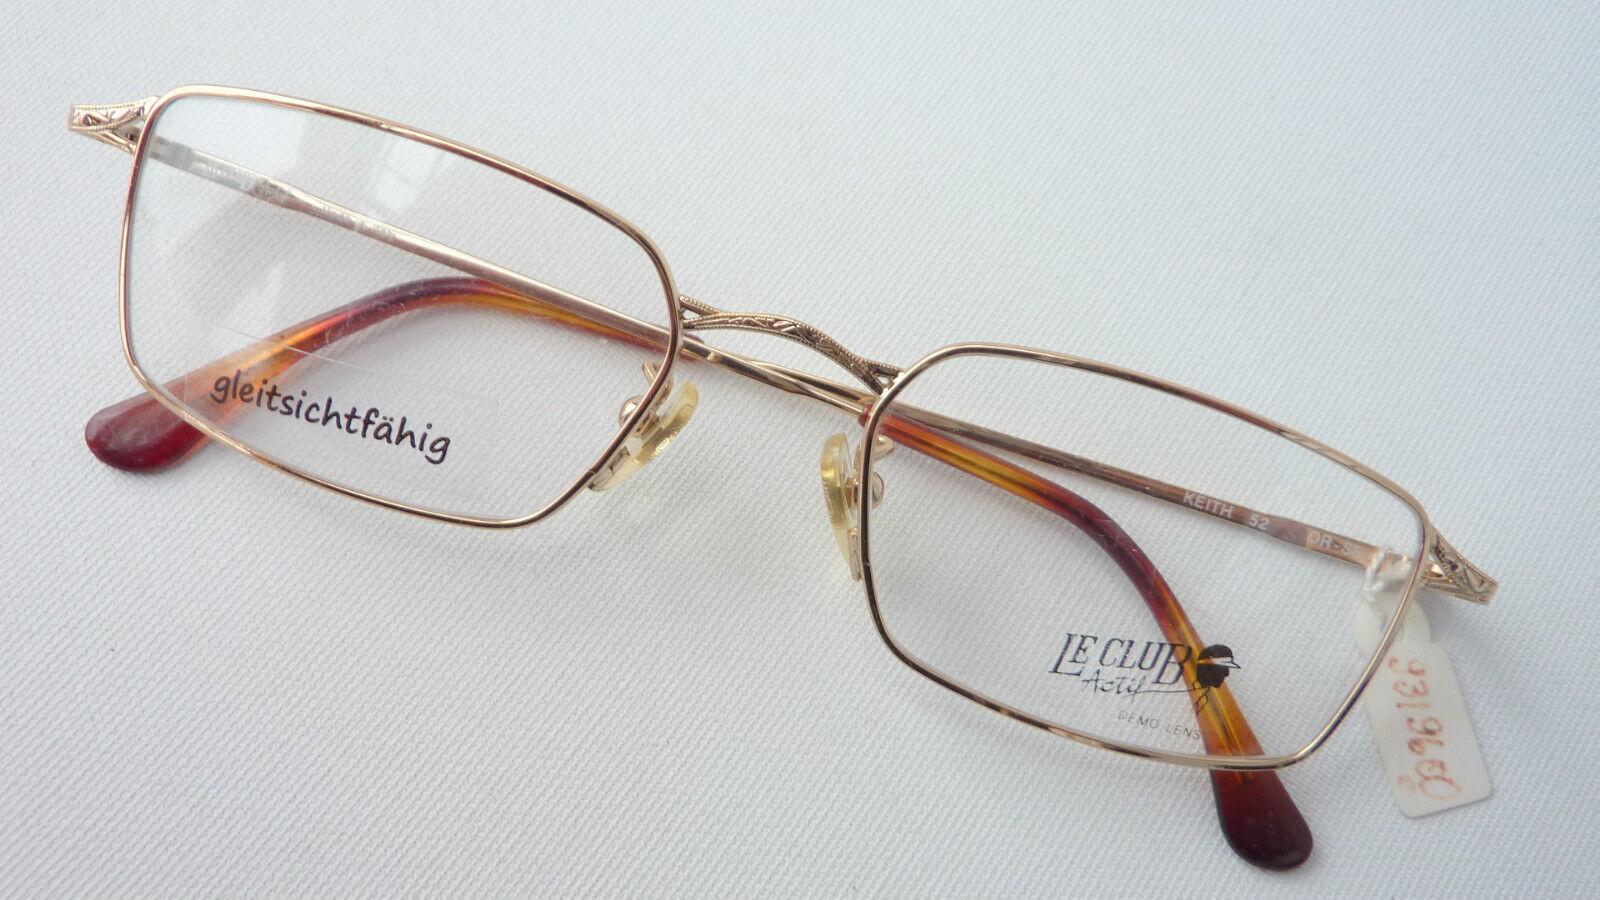 Le Club Actif Metallbrille Gold Herrengestell Brillenfassung 52-19 leicht Gr. L   Nutzen Sie Materialien voll aus